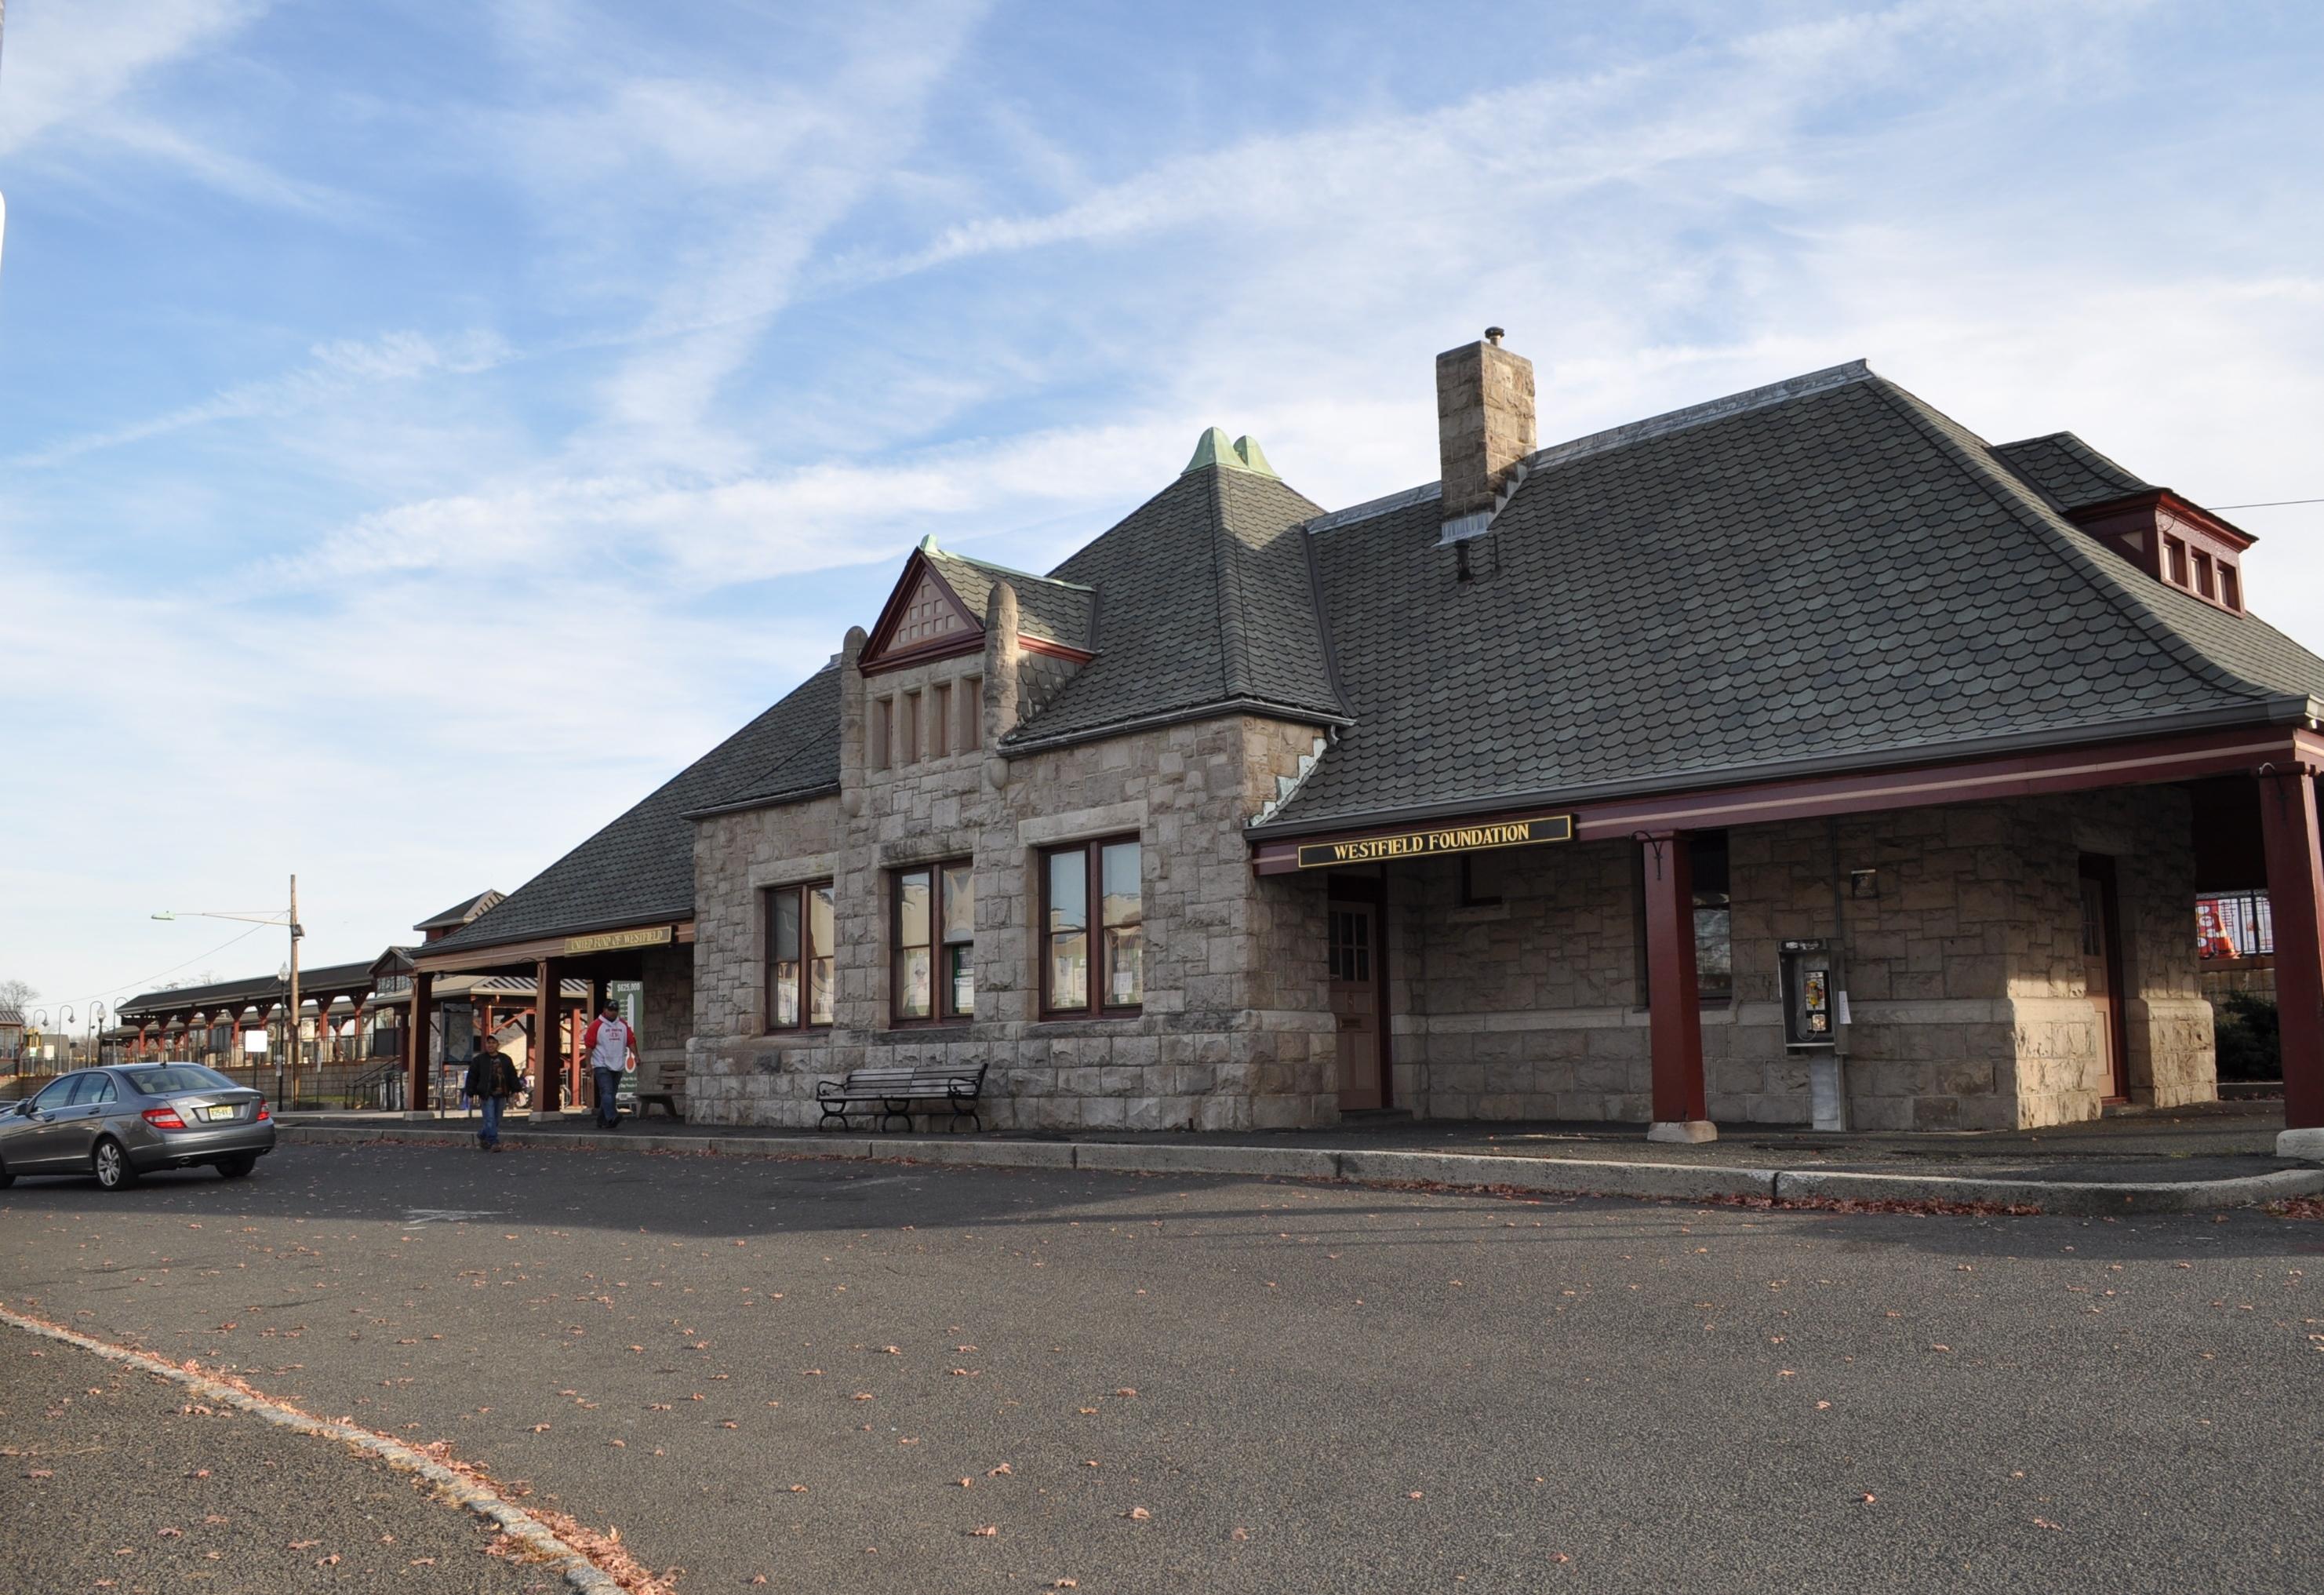 4393625501a73dd19ff1_train_station.JPG